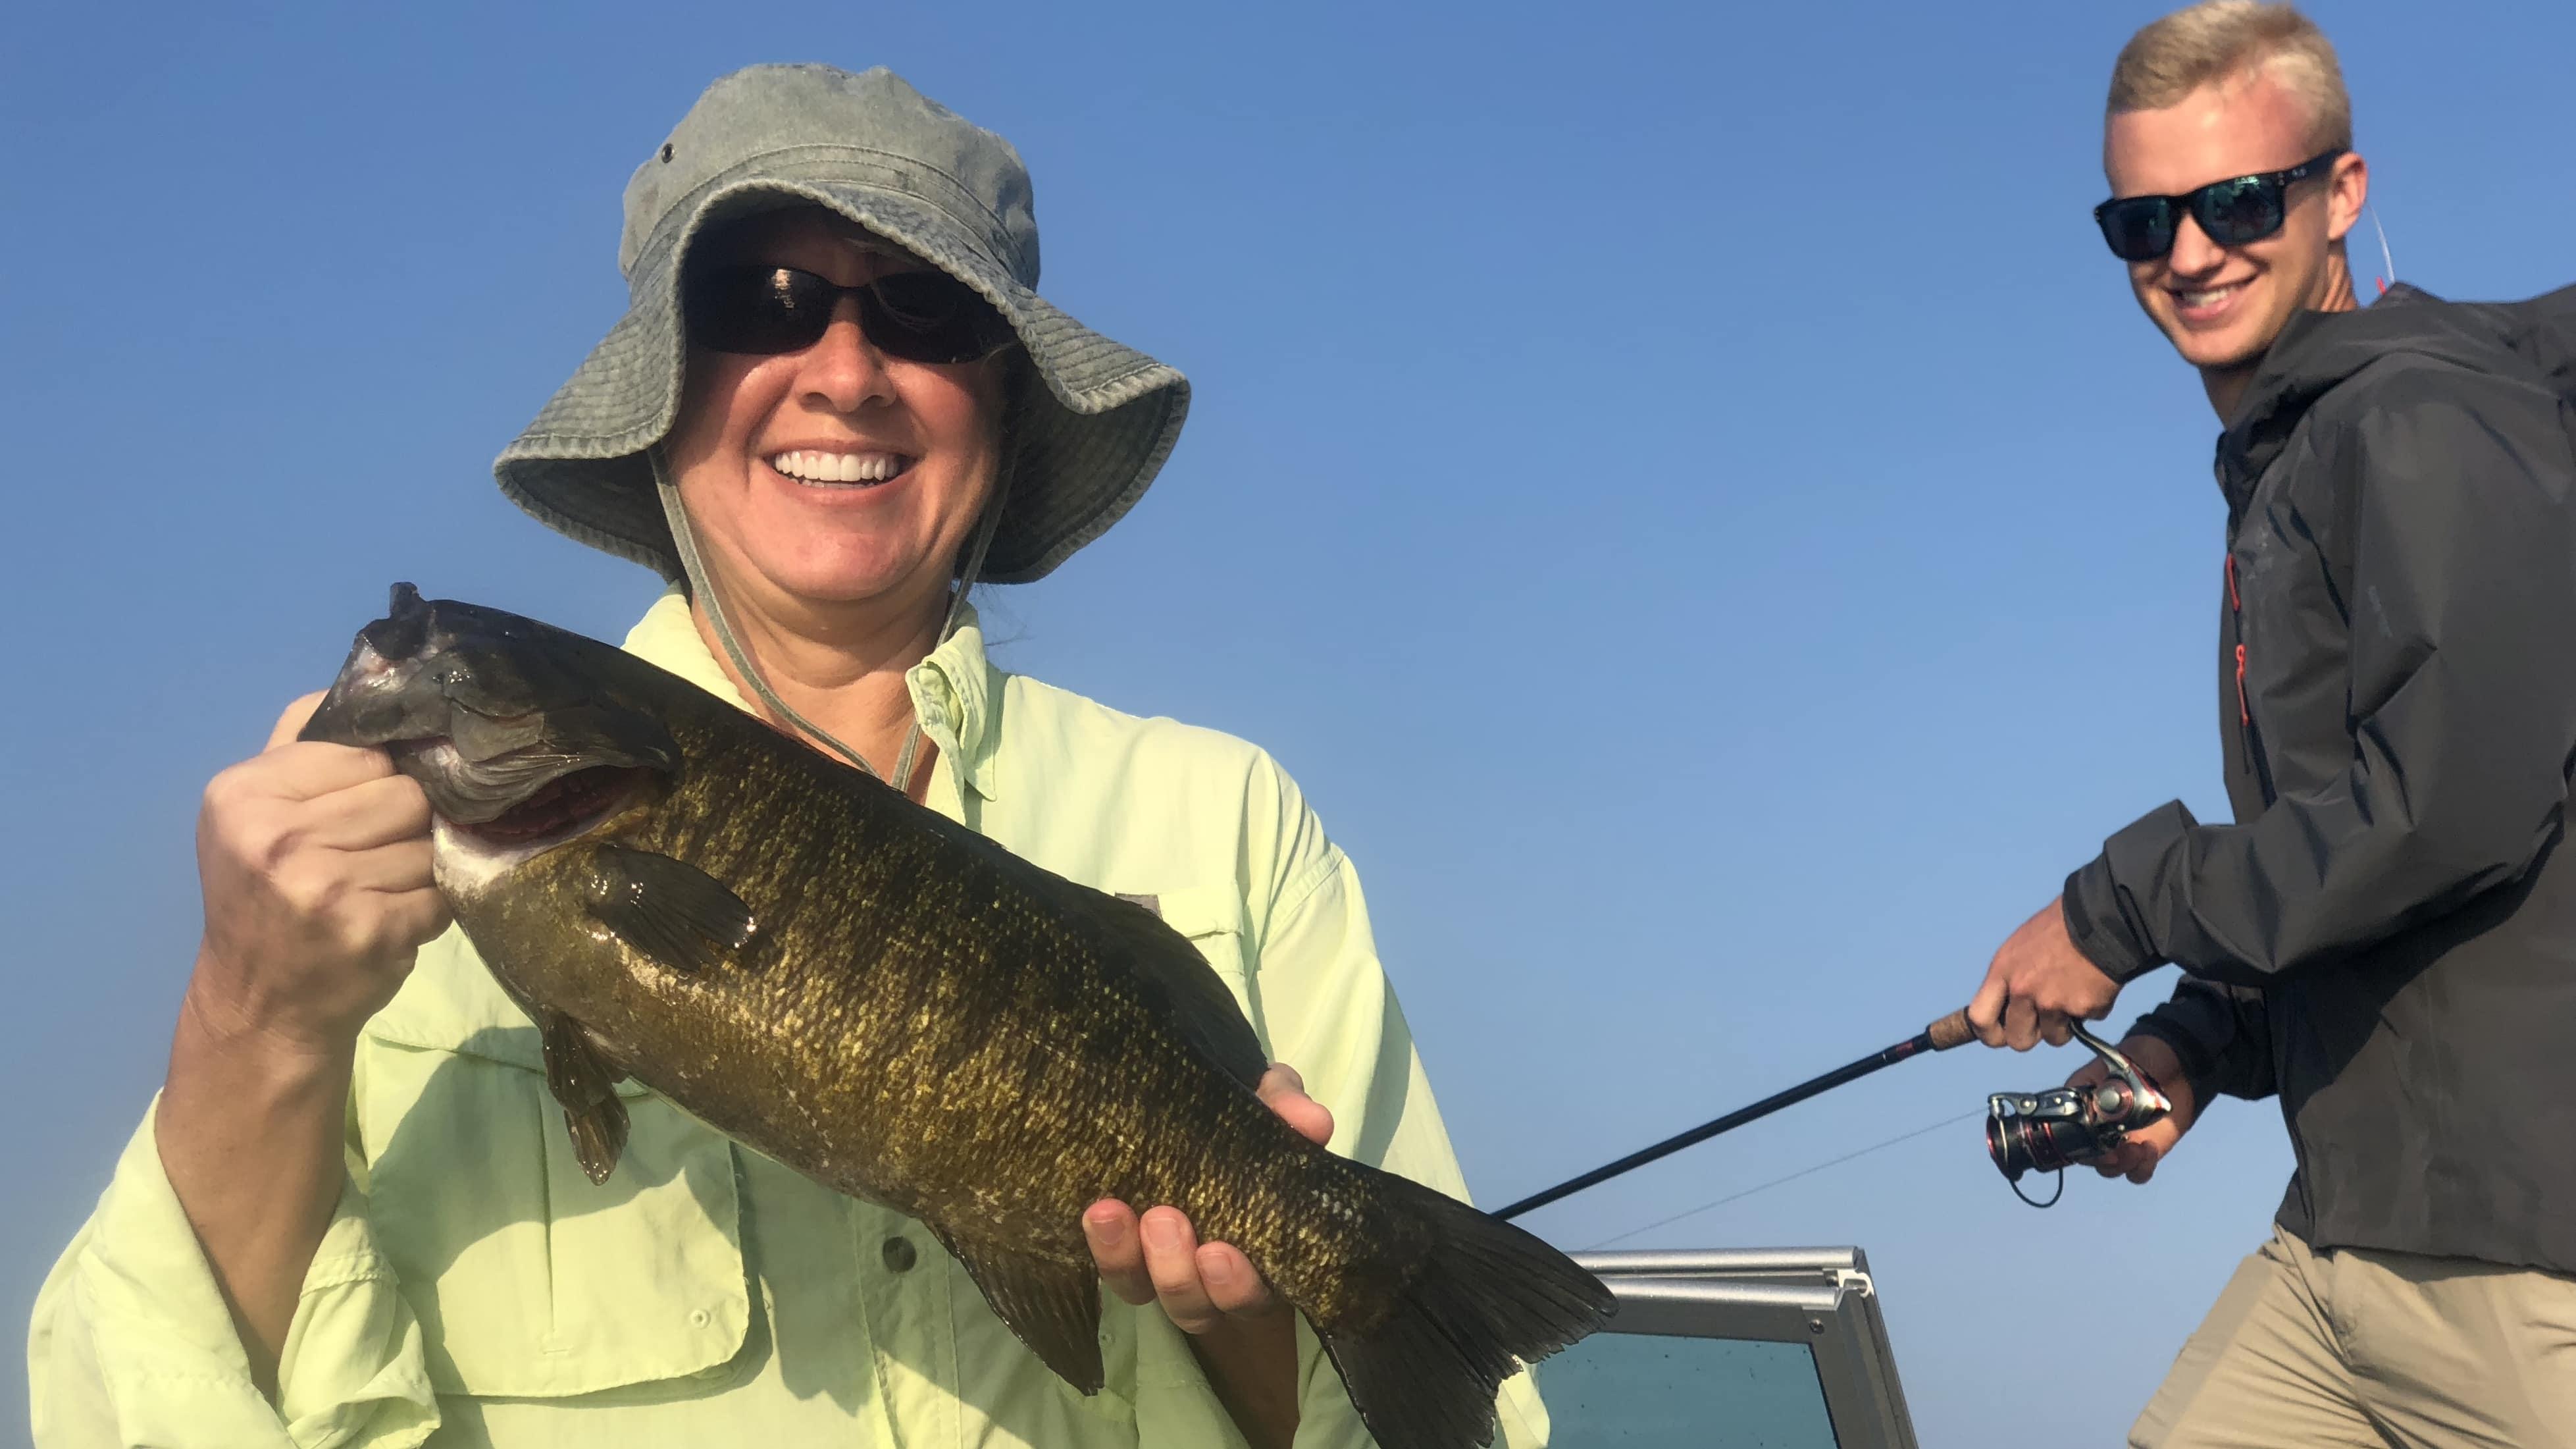 Late Summer Fishing In Buffalo Niagara